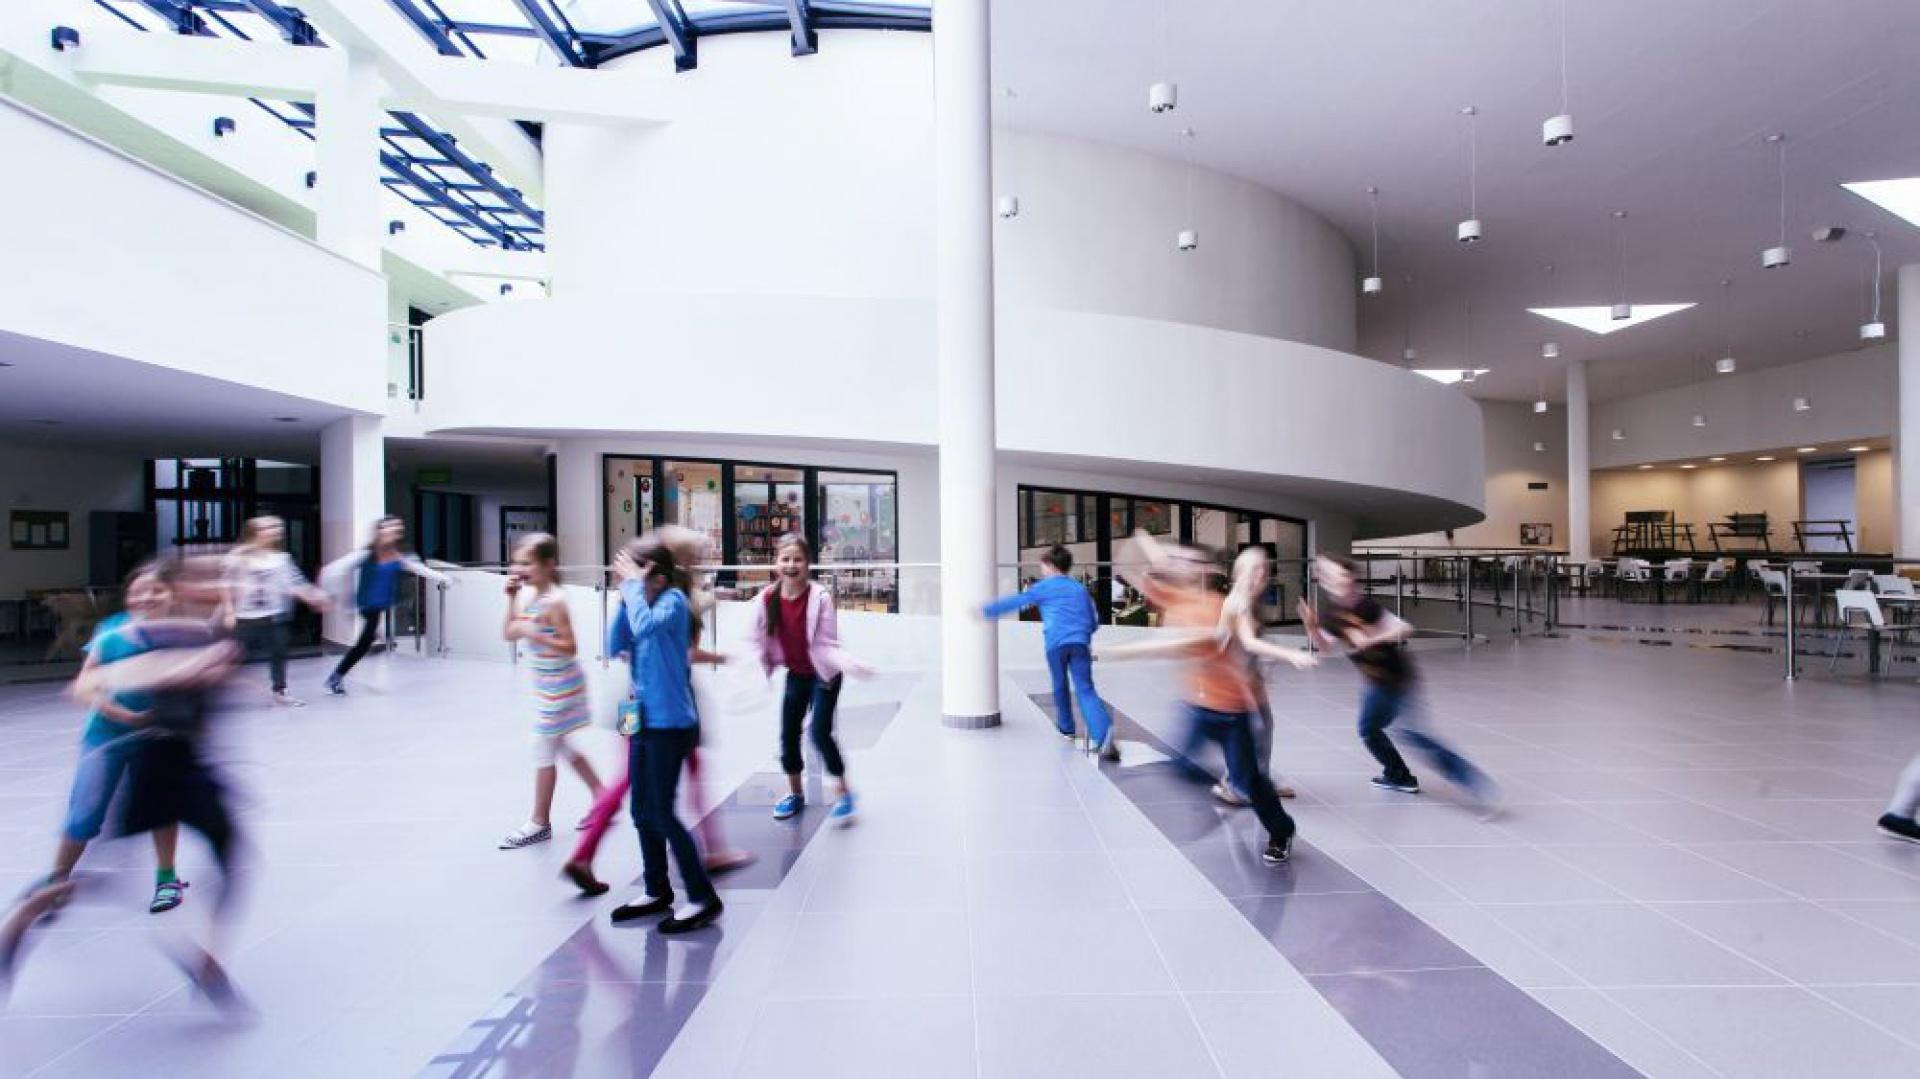 Przestronny hall Centrum Edukacji i Sportu w Mysiadle inspiruje dzieci do aktywności i zabawy. Fot. Rafał Kłos